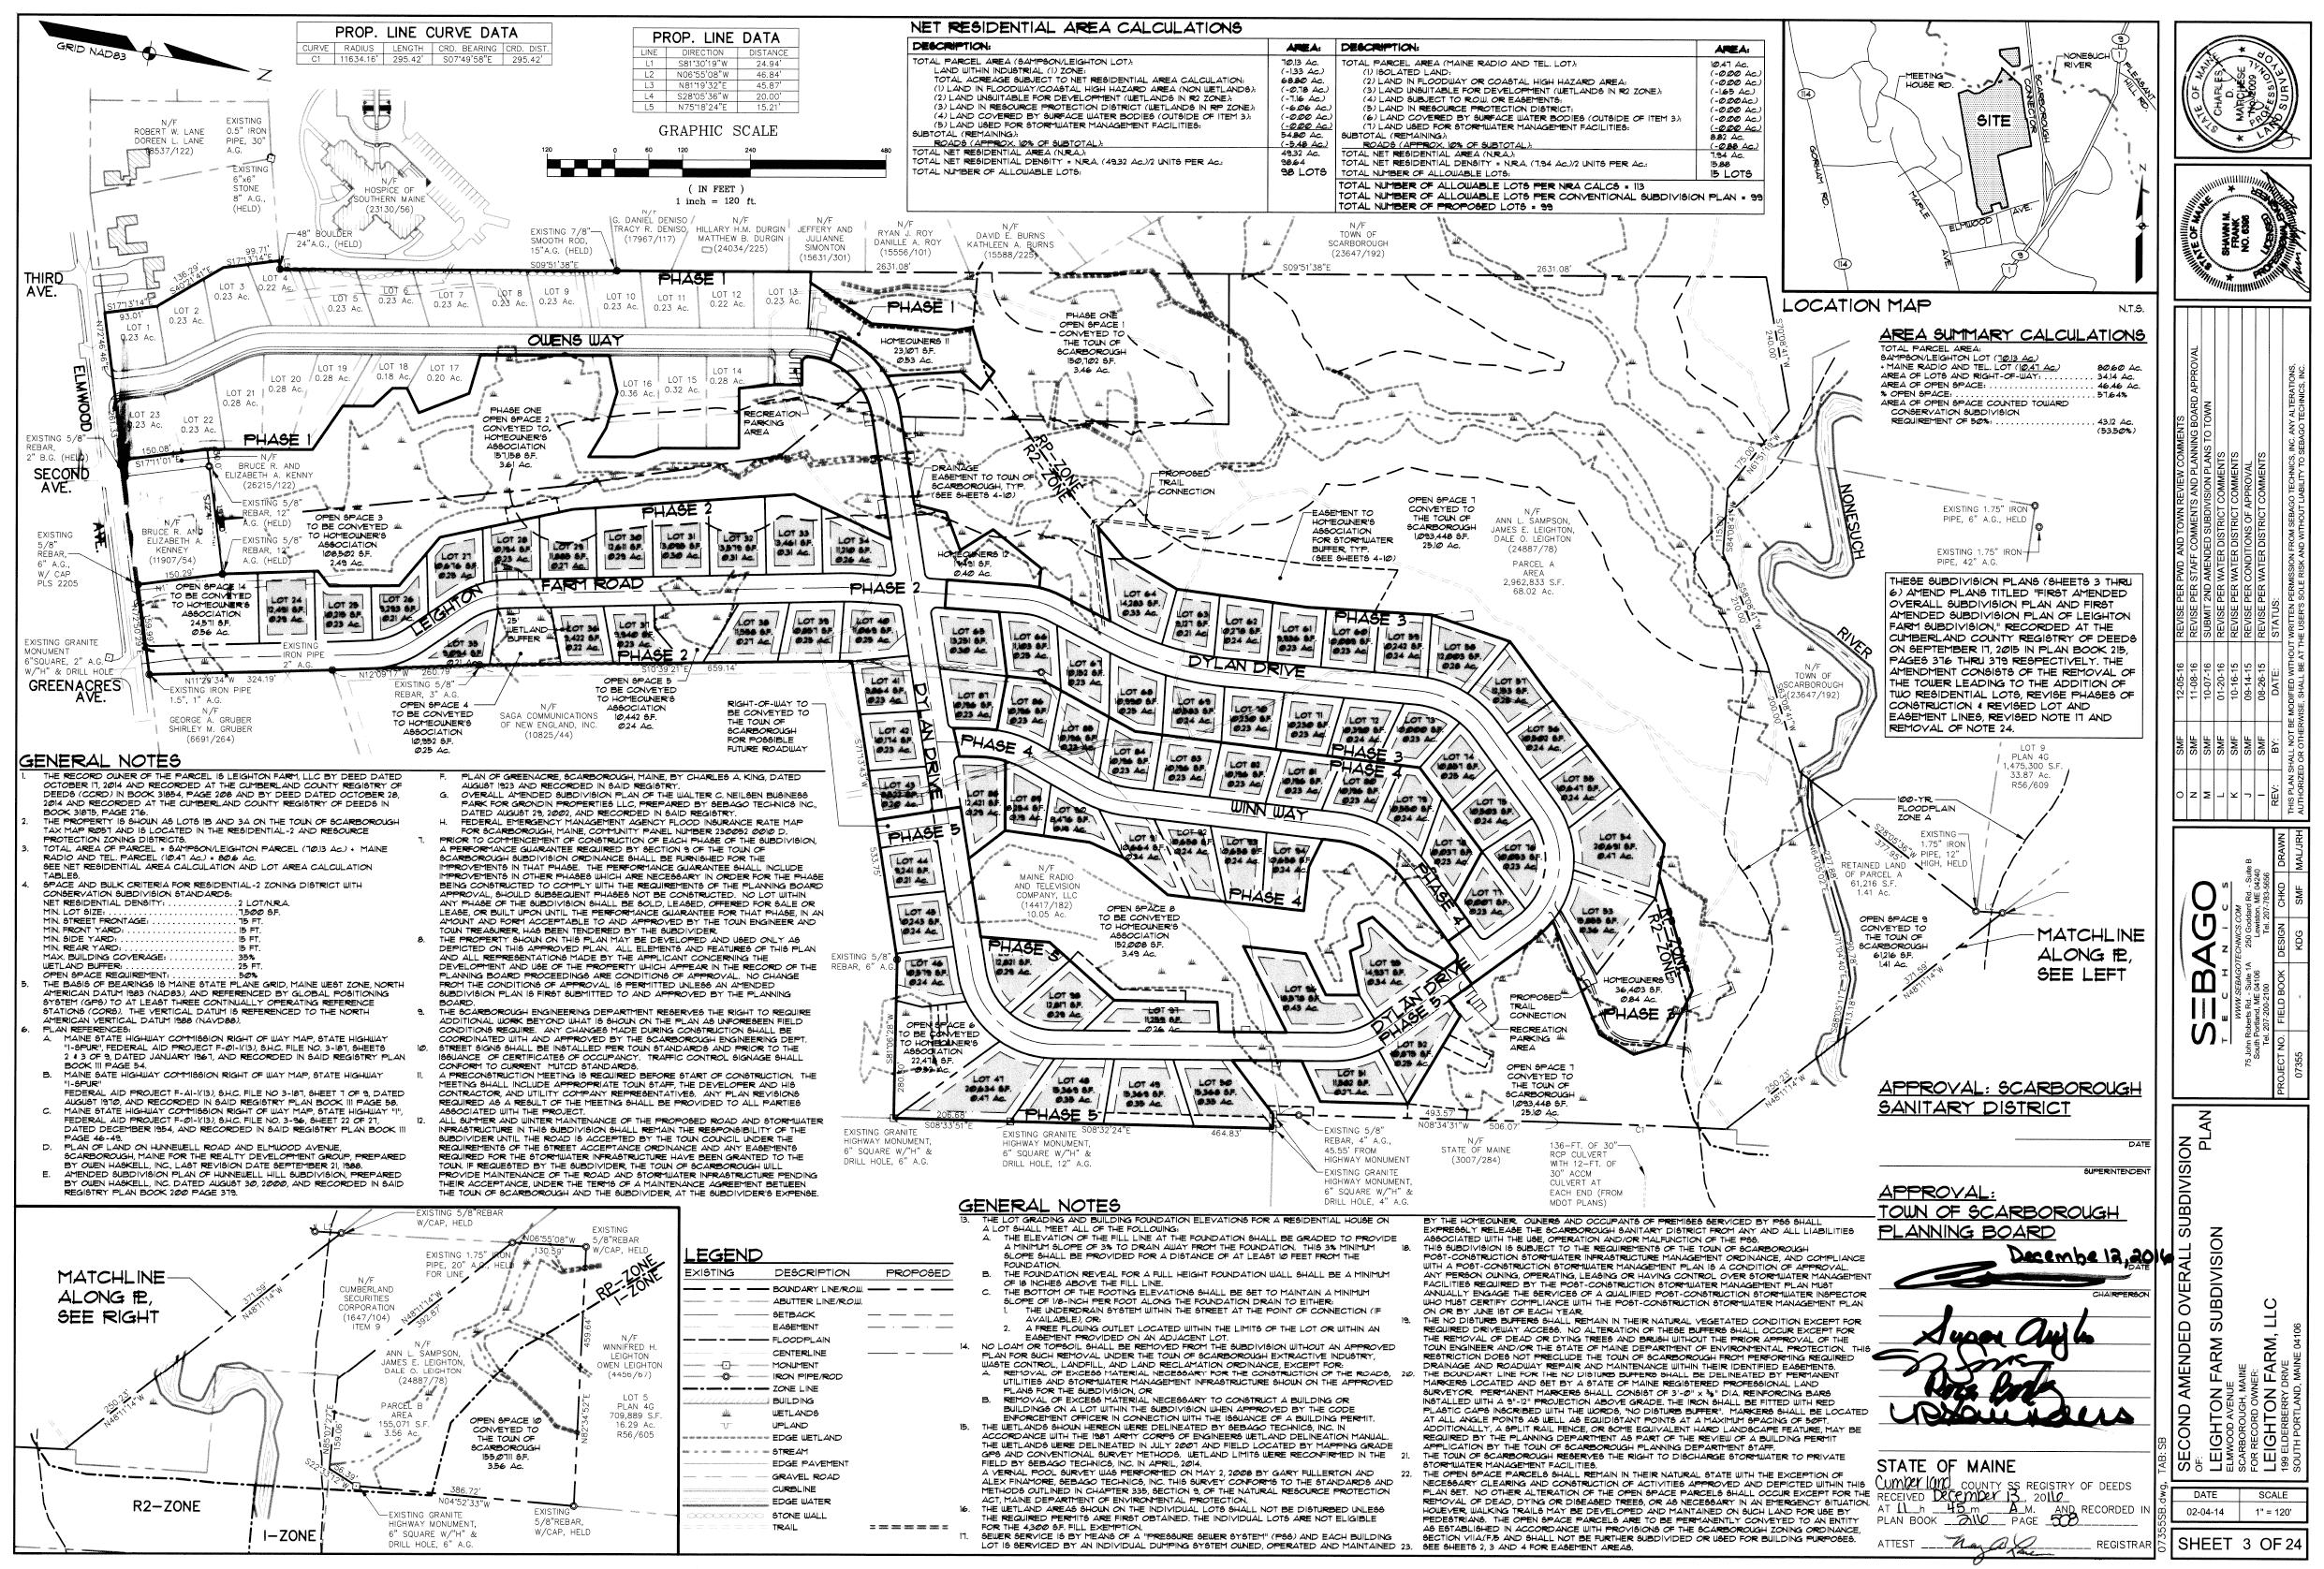 Leighton Farm - Master Subdivision Plan